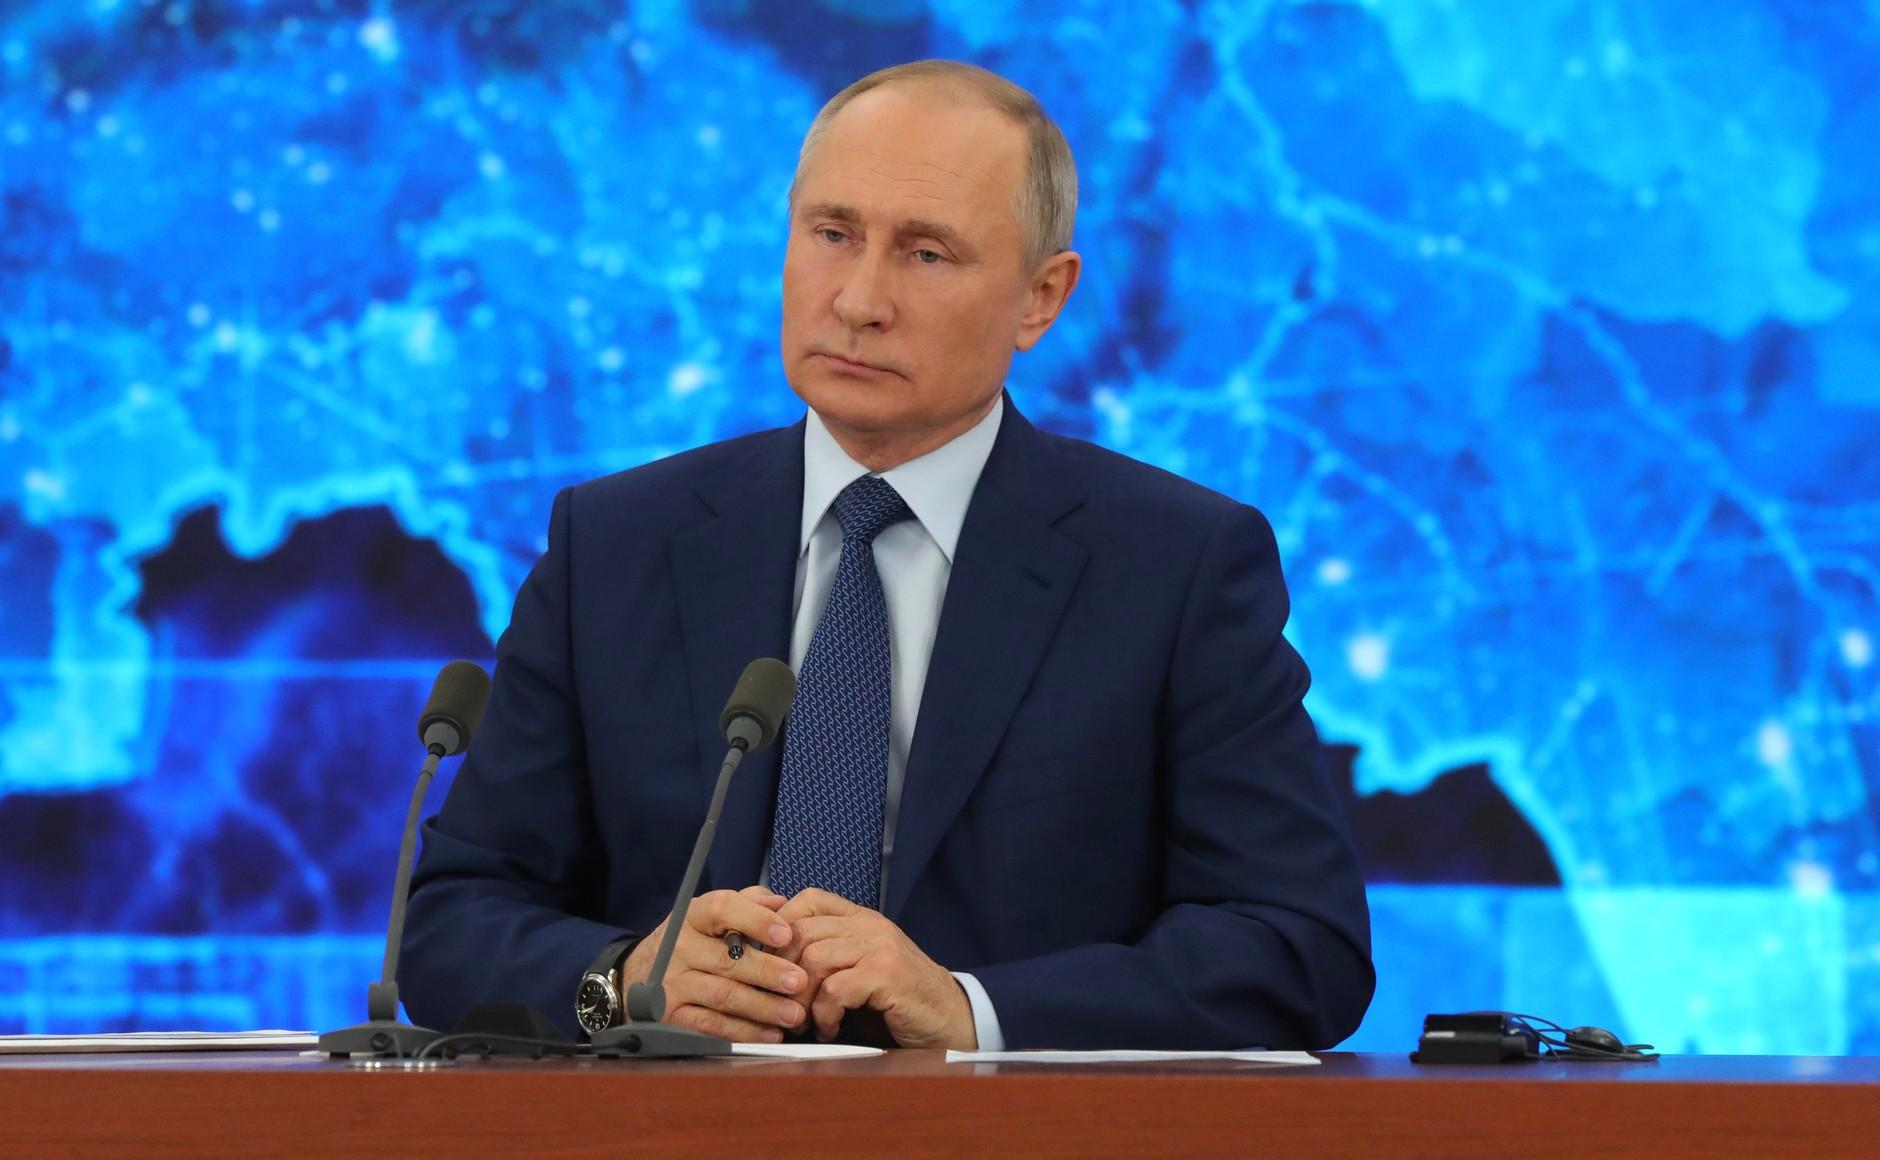 RUSSIE 17.12.2020.CONFERENCE 52 XX 66 Avant le début de la conférence de presse annuelle de Vladimir Poutine.